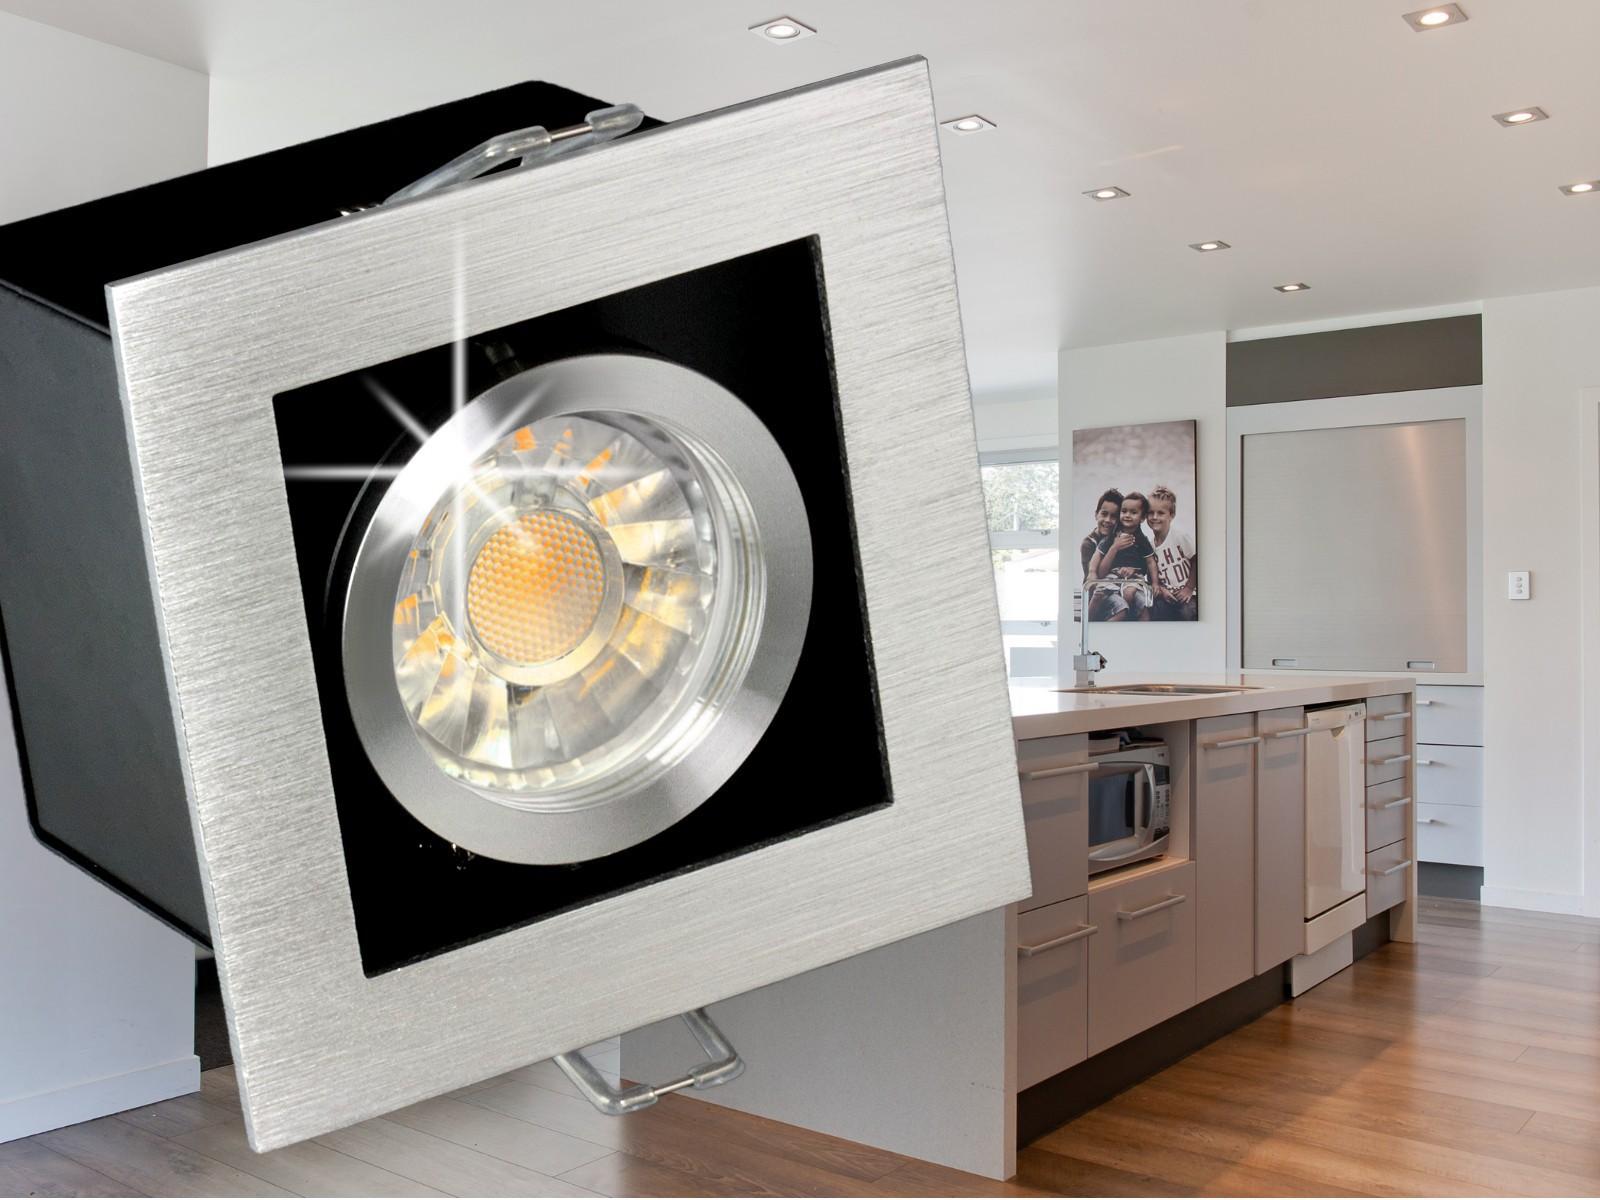 k1 led einbaustrahler leuchte alu kardanisch schwenkbar 5w smd warmwei dimmbar gu10 230v in. Black Bedroom Furniture Sets. Home Design Ideas